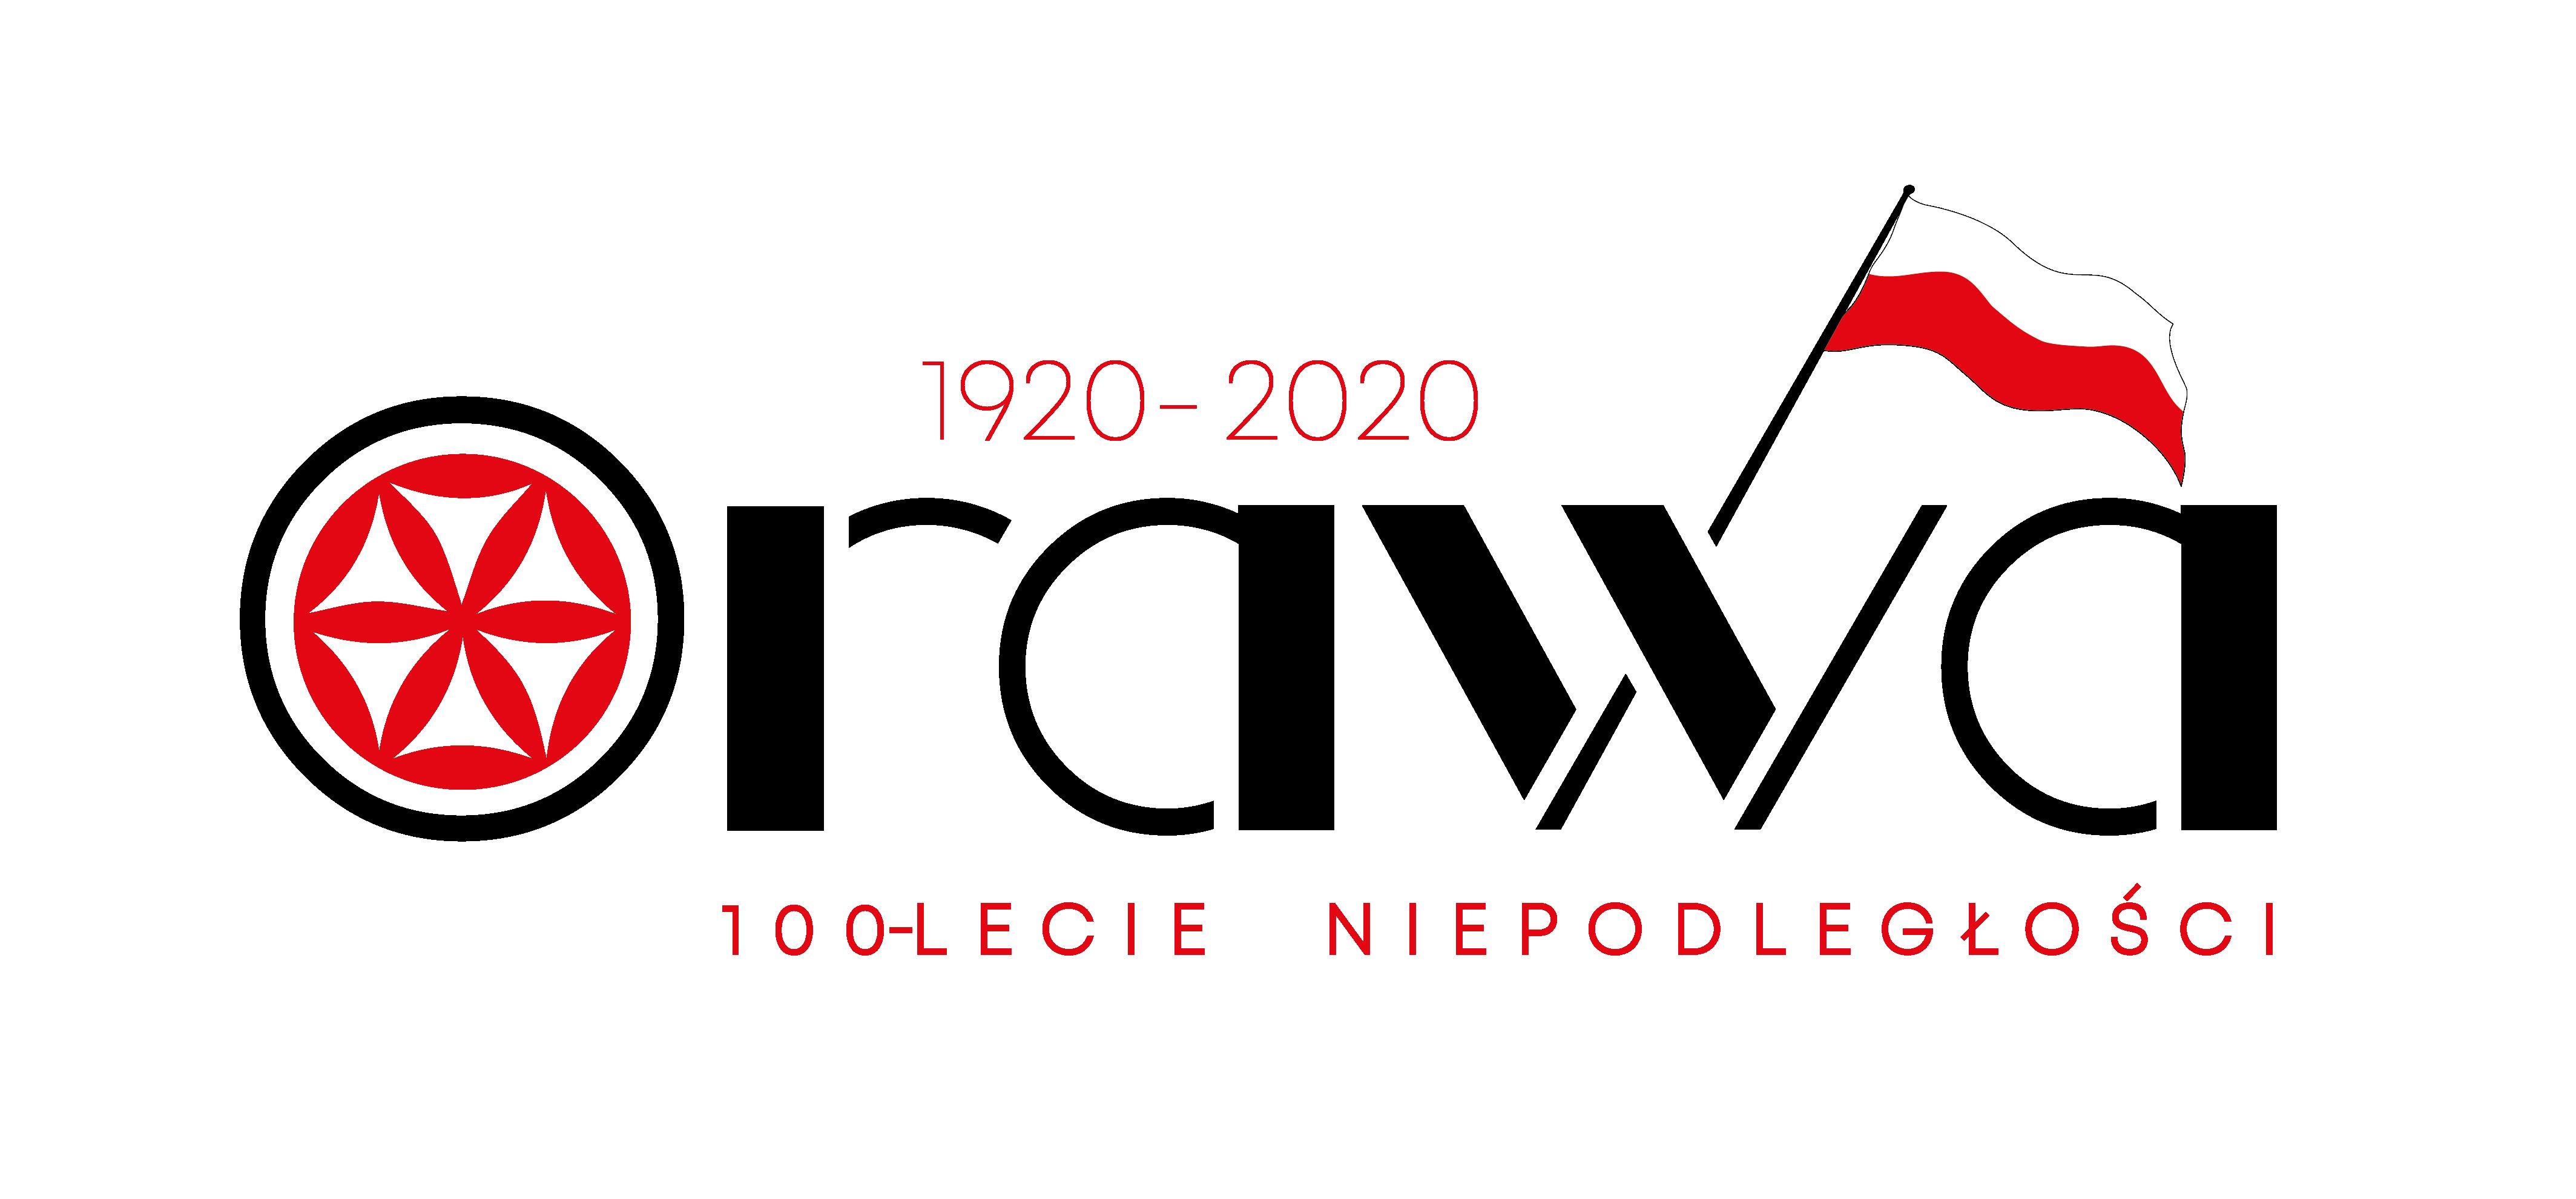 Logotyp_ORAWA_100lecie